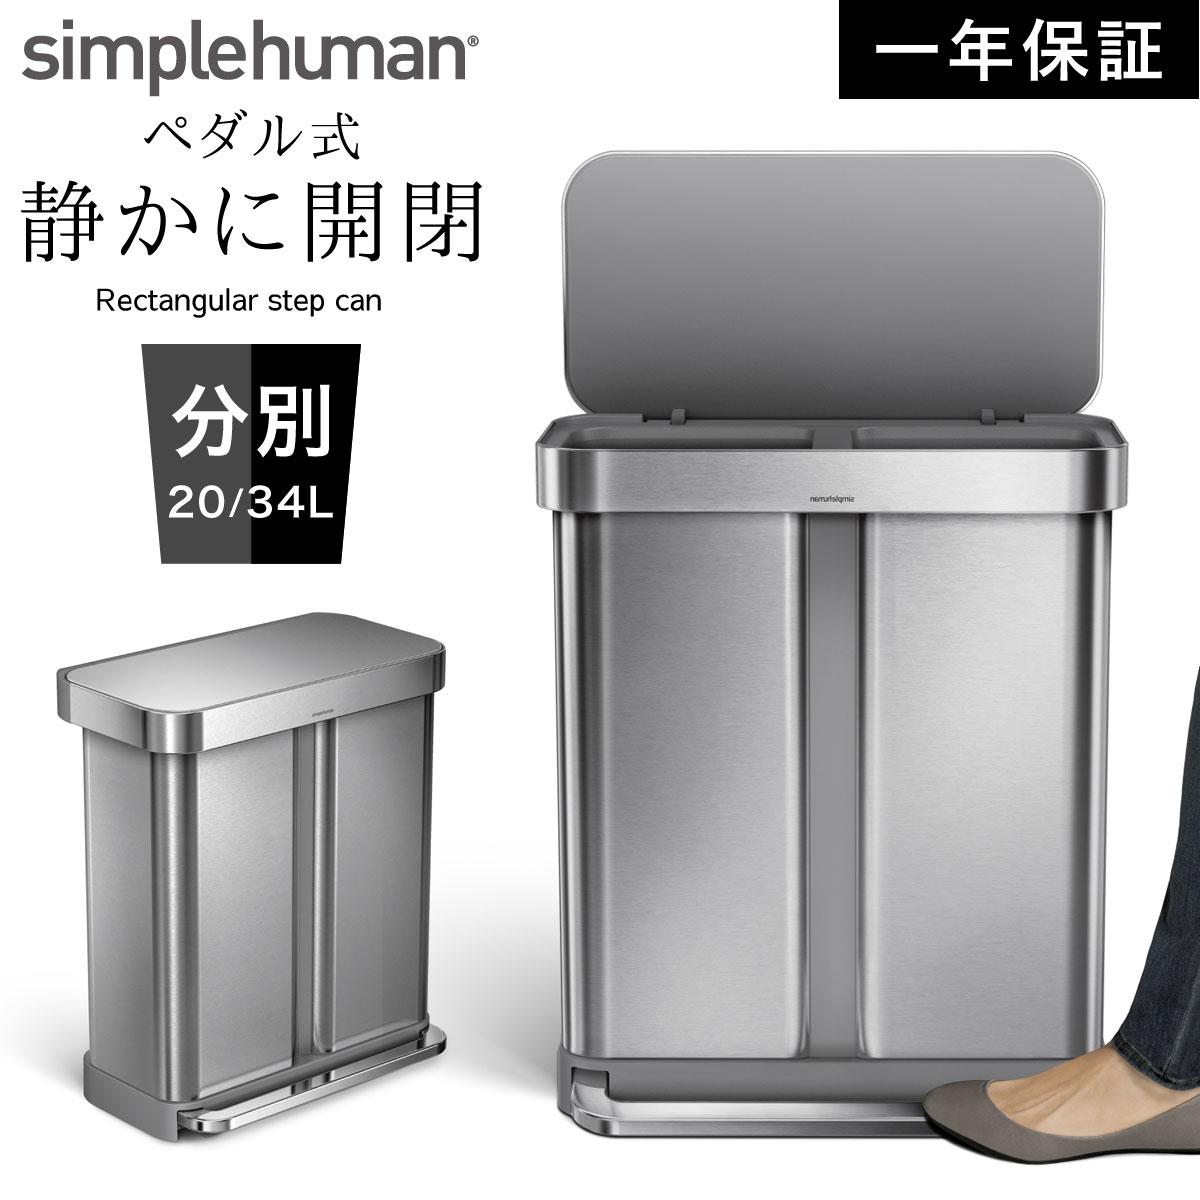 simplehuman シンプルヒューマン 分別 レクタンギュラーステップカン 58L 00112